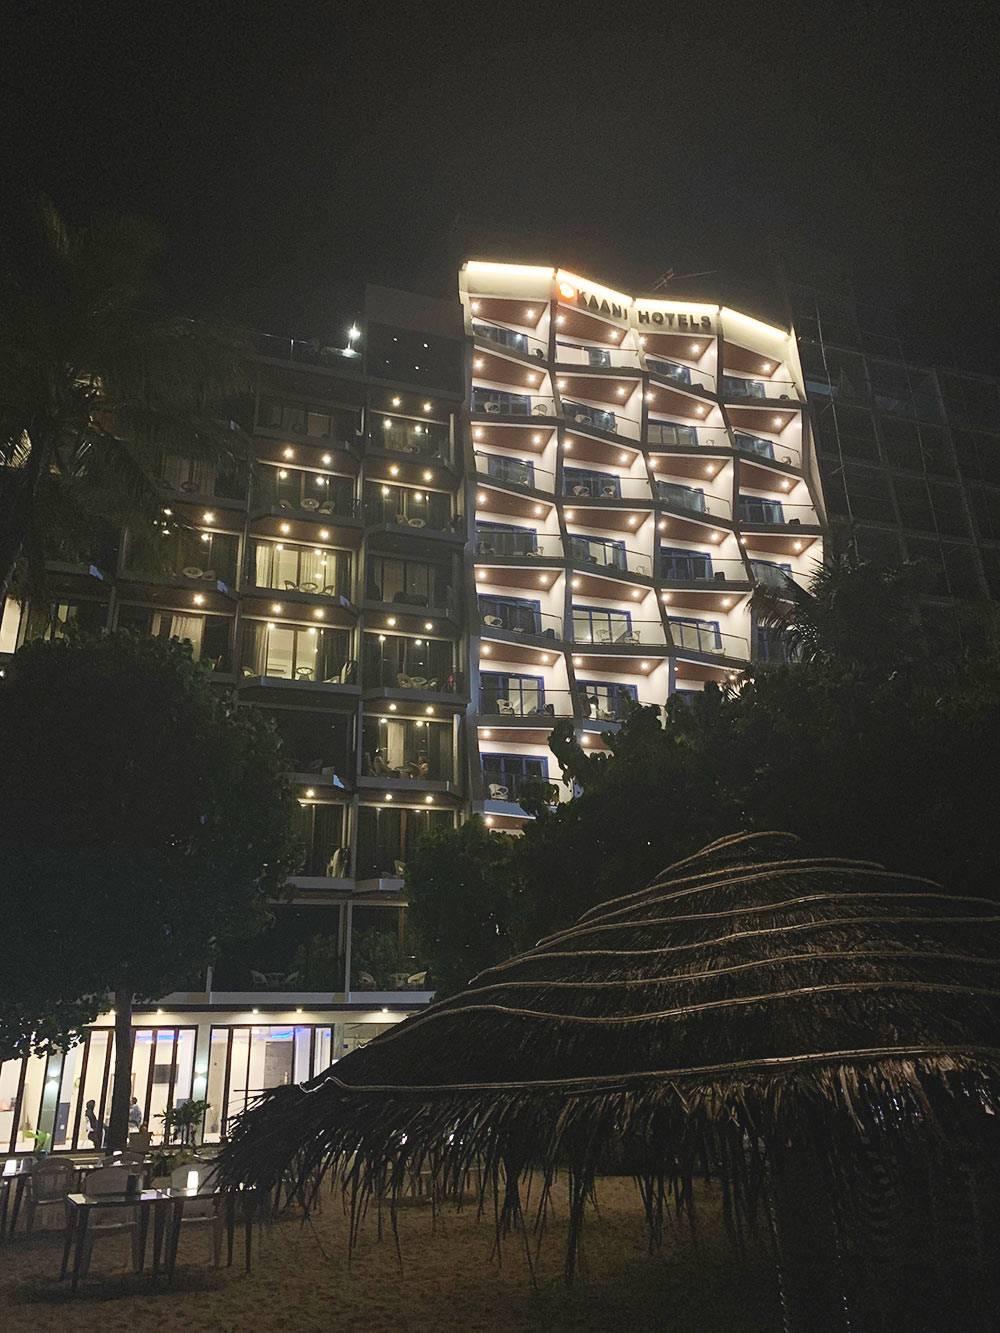 Так выглядит один из отелей сети Kaani. Справа возводят новый корпус: остров активно застраивают